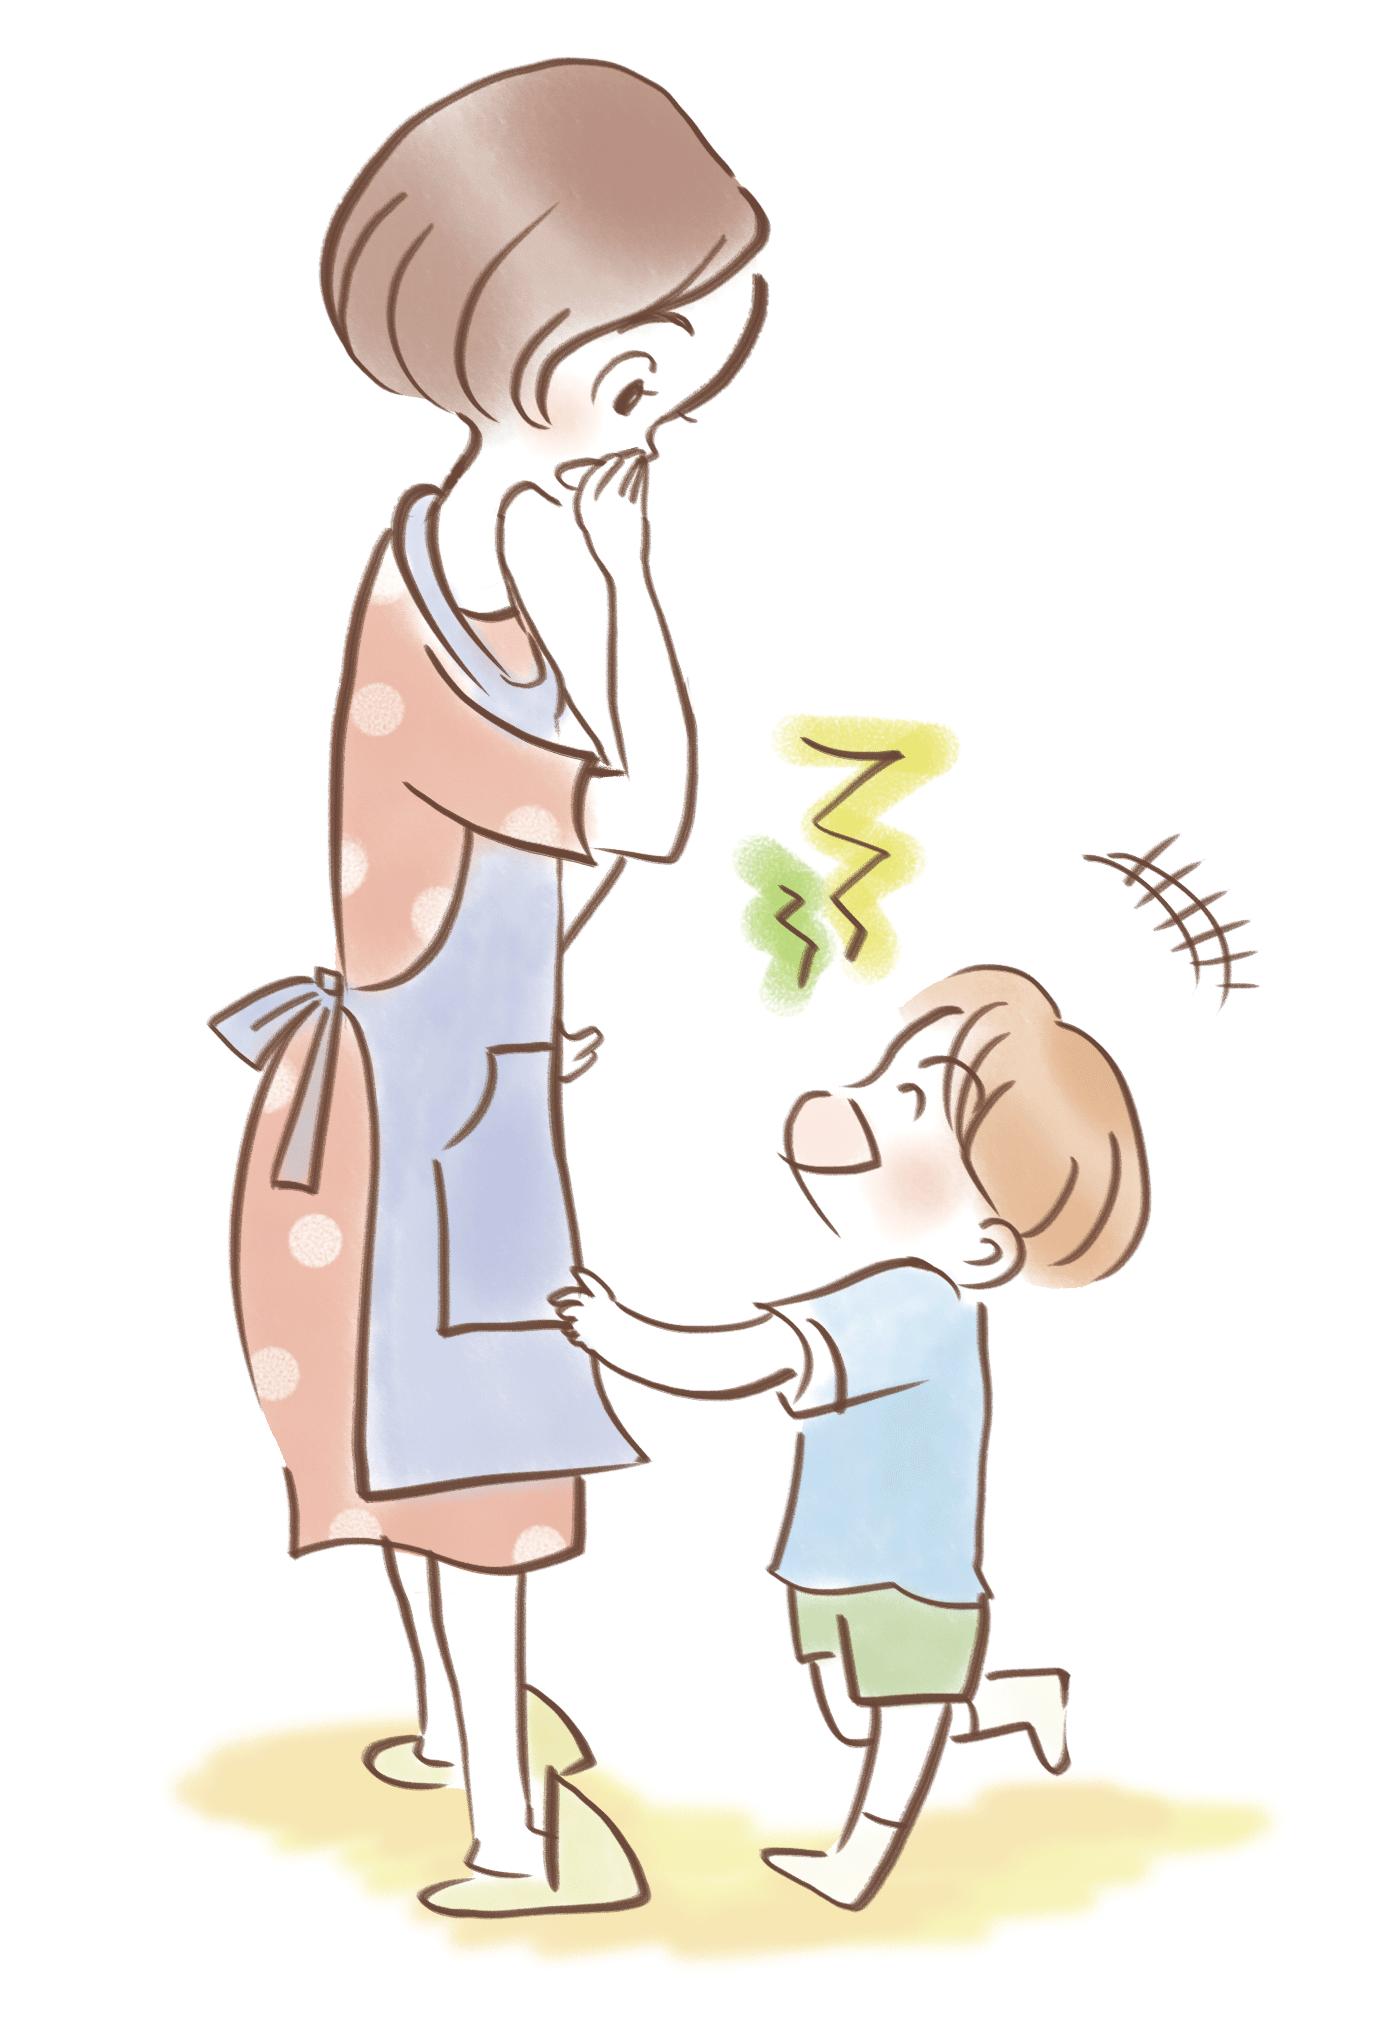 子育て相談 はぴマサポーター